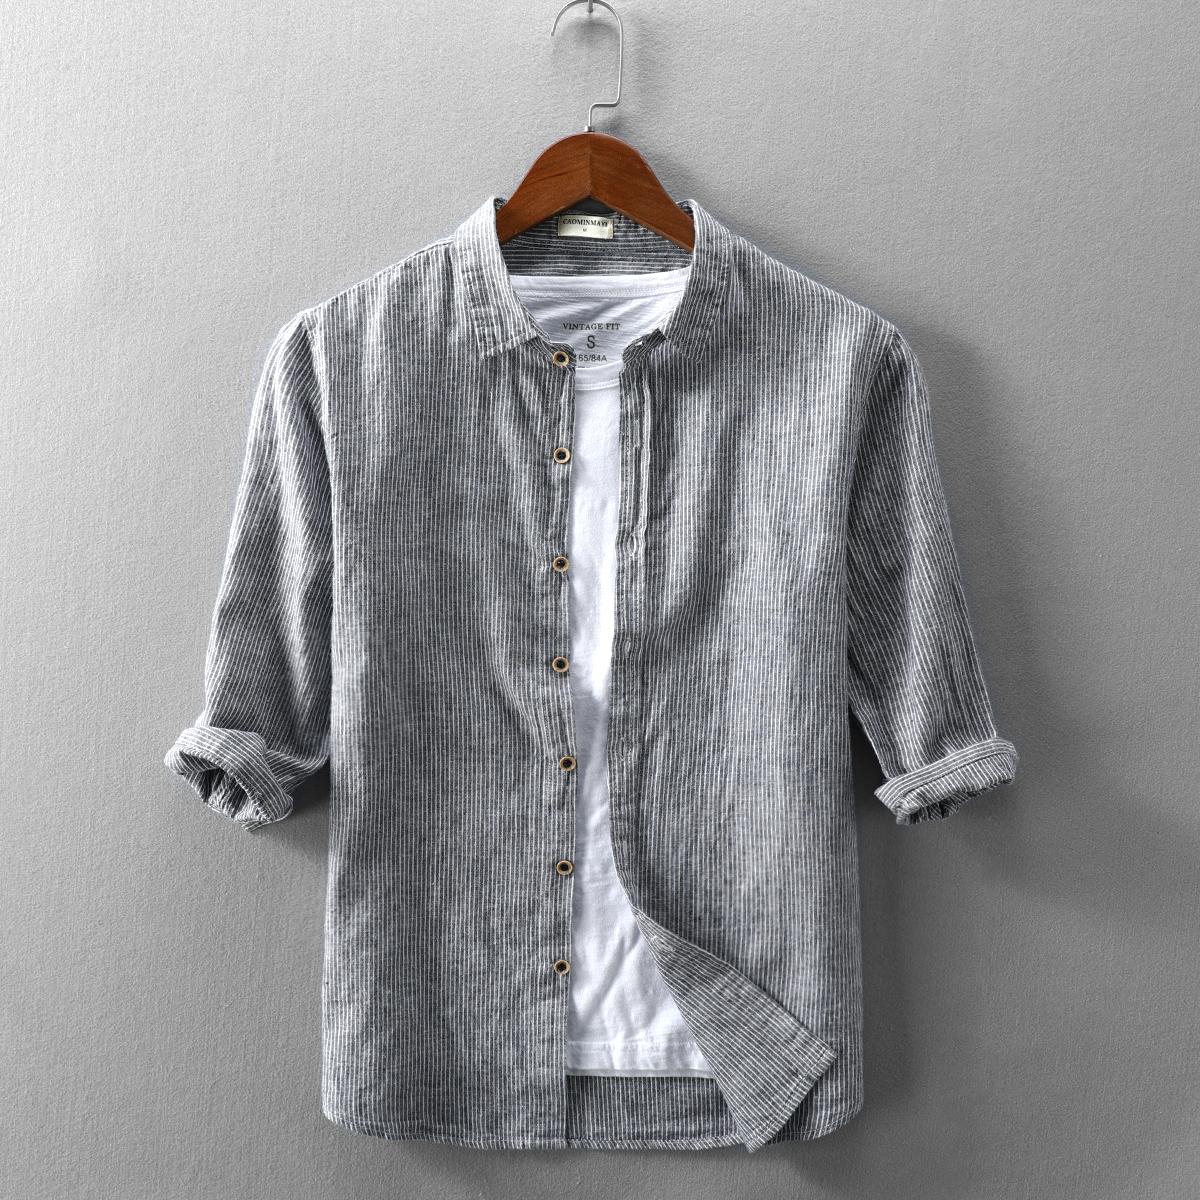 2020新款夏季男士休闲亚麻衬衫七分袖翻领条纹棉麻宽松薄款男衬衣图片